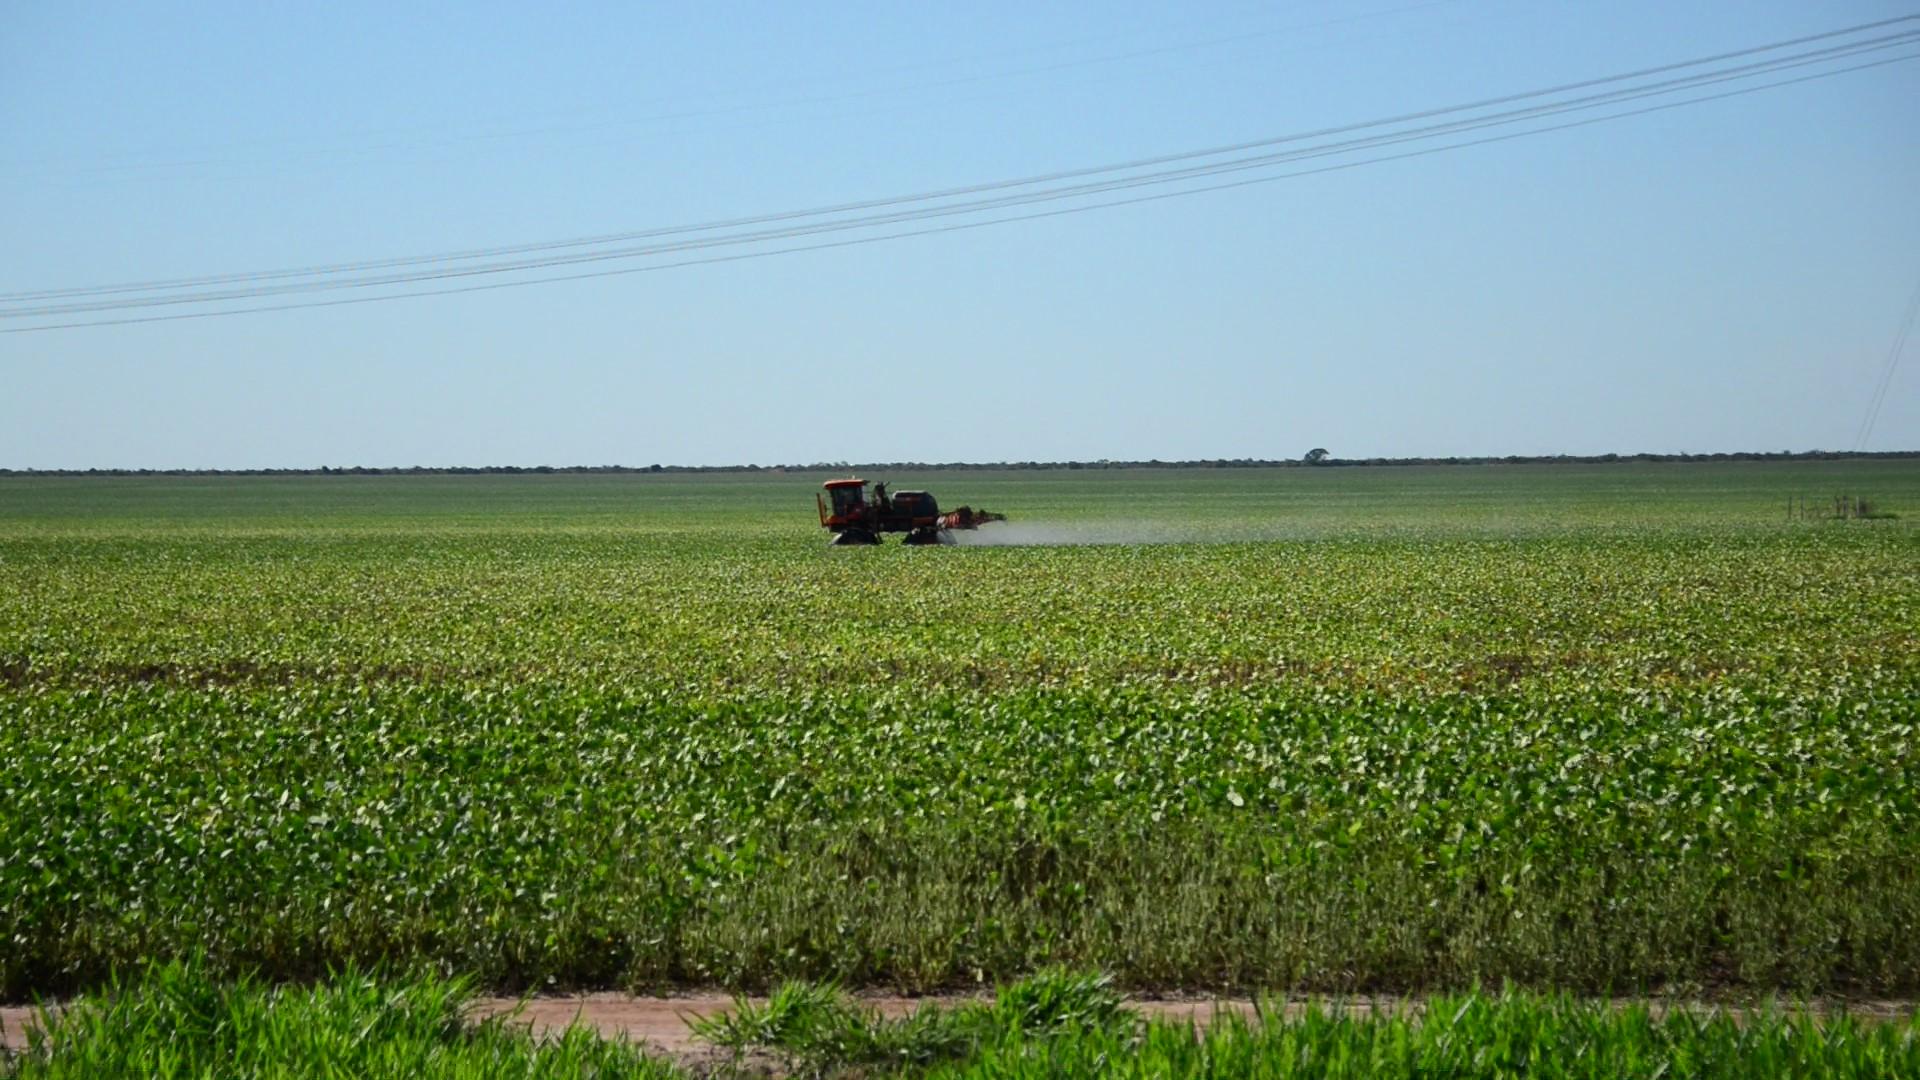 Fazenda de soja nos arredores de Correntina: : agronegócio impactado pela mudança climática. Foto de Mirian Fichtner